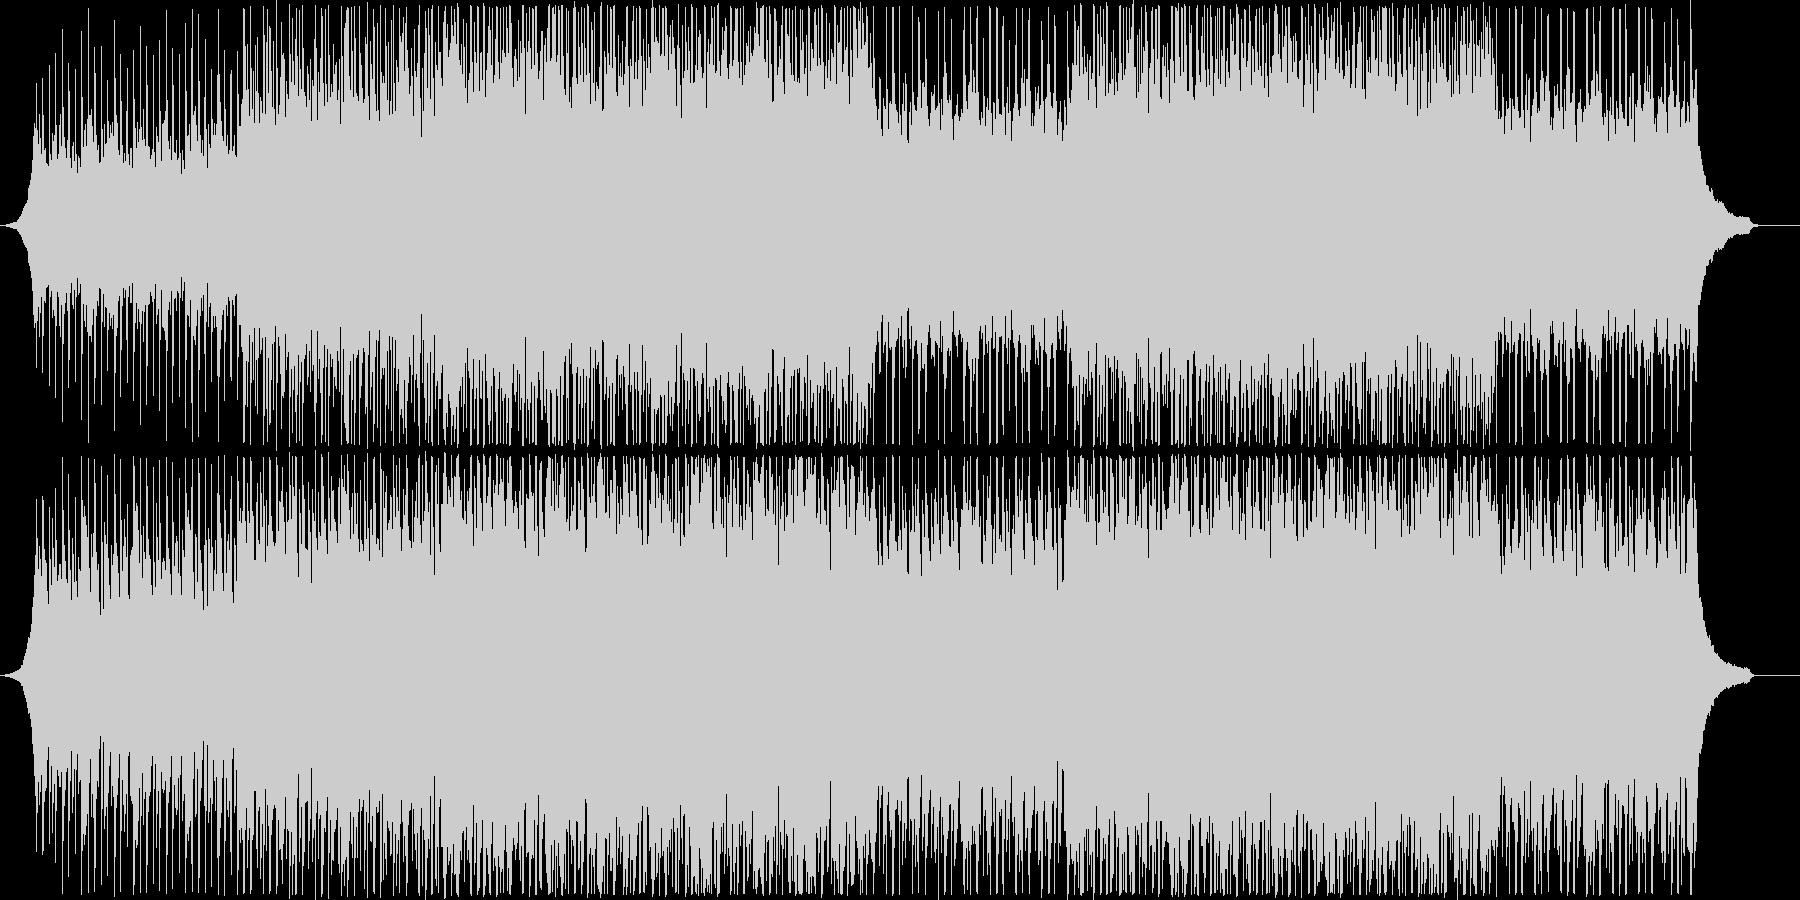 映像・企業VP 創造的なワクワク感(A)の未再生の波形